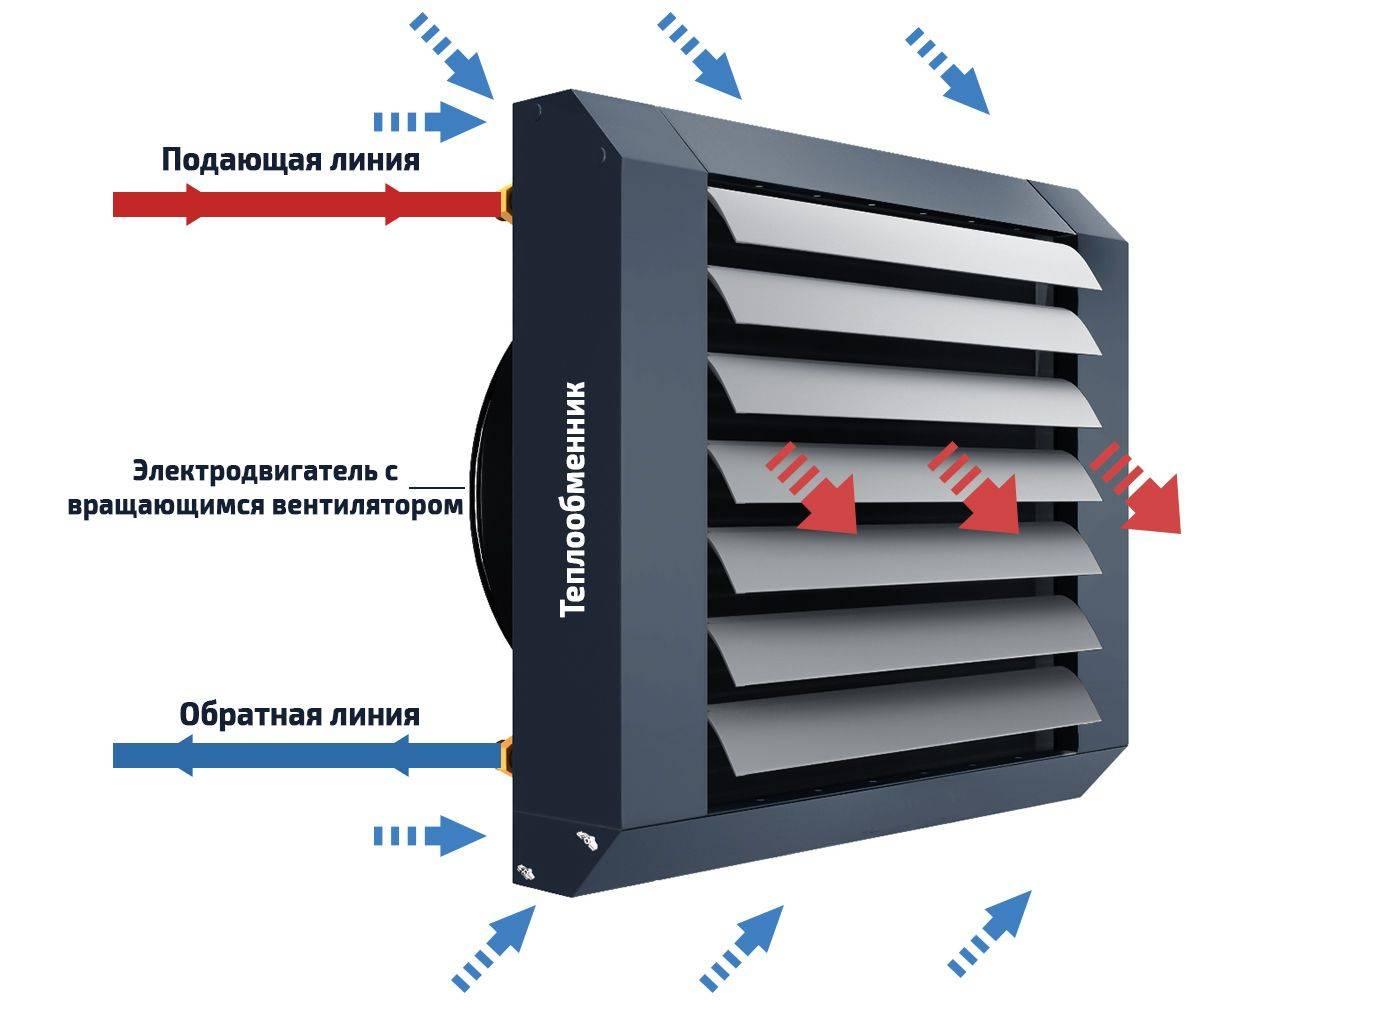 Калькулятор для расчета и подбора компонентов системы вентиляции.